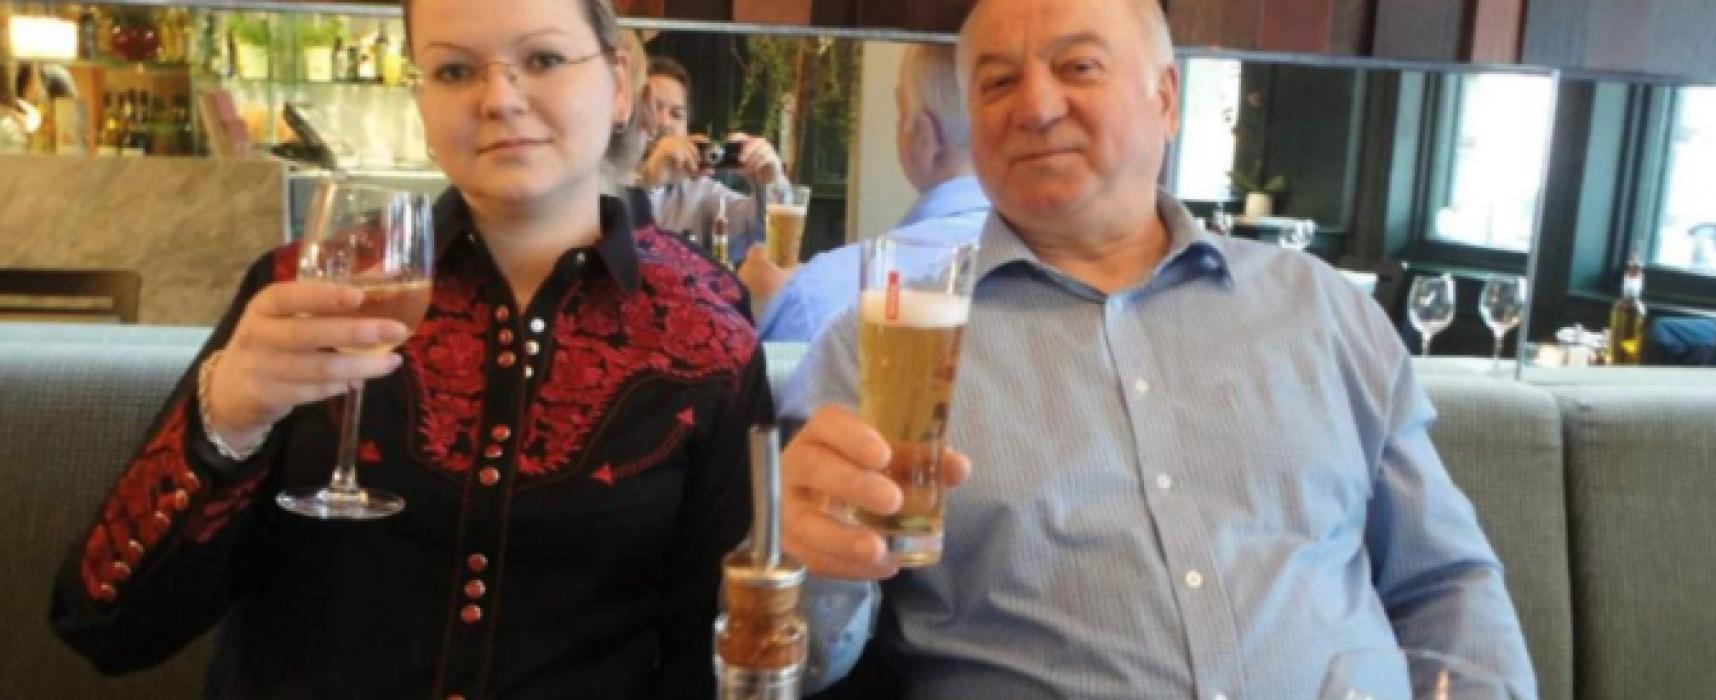 L'analisi della propaganda russa dai tweet sull'avvelenamento di Salisbury